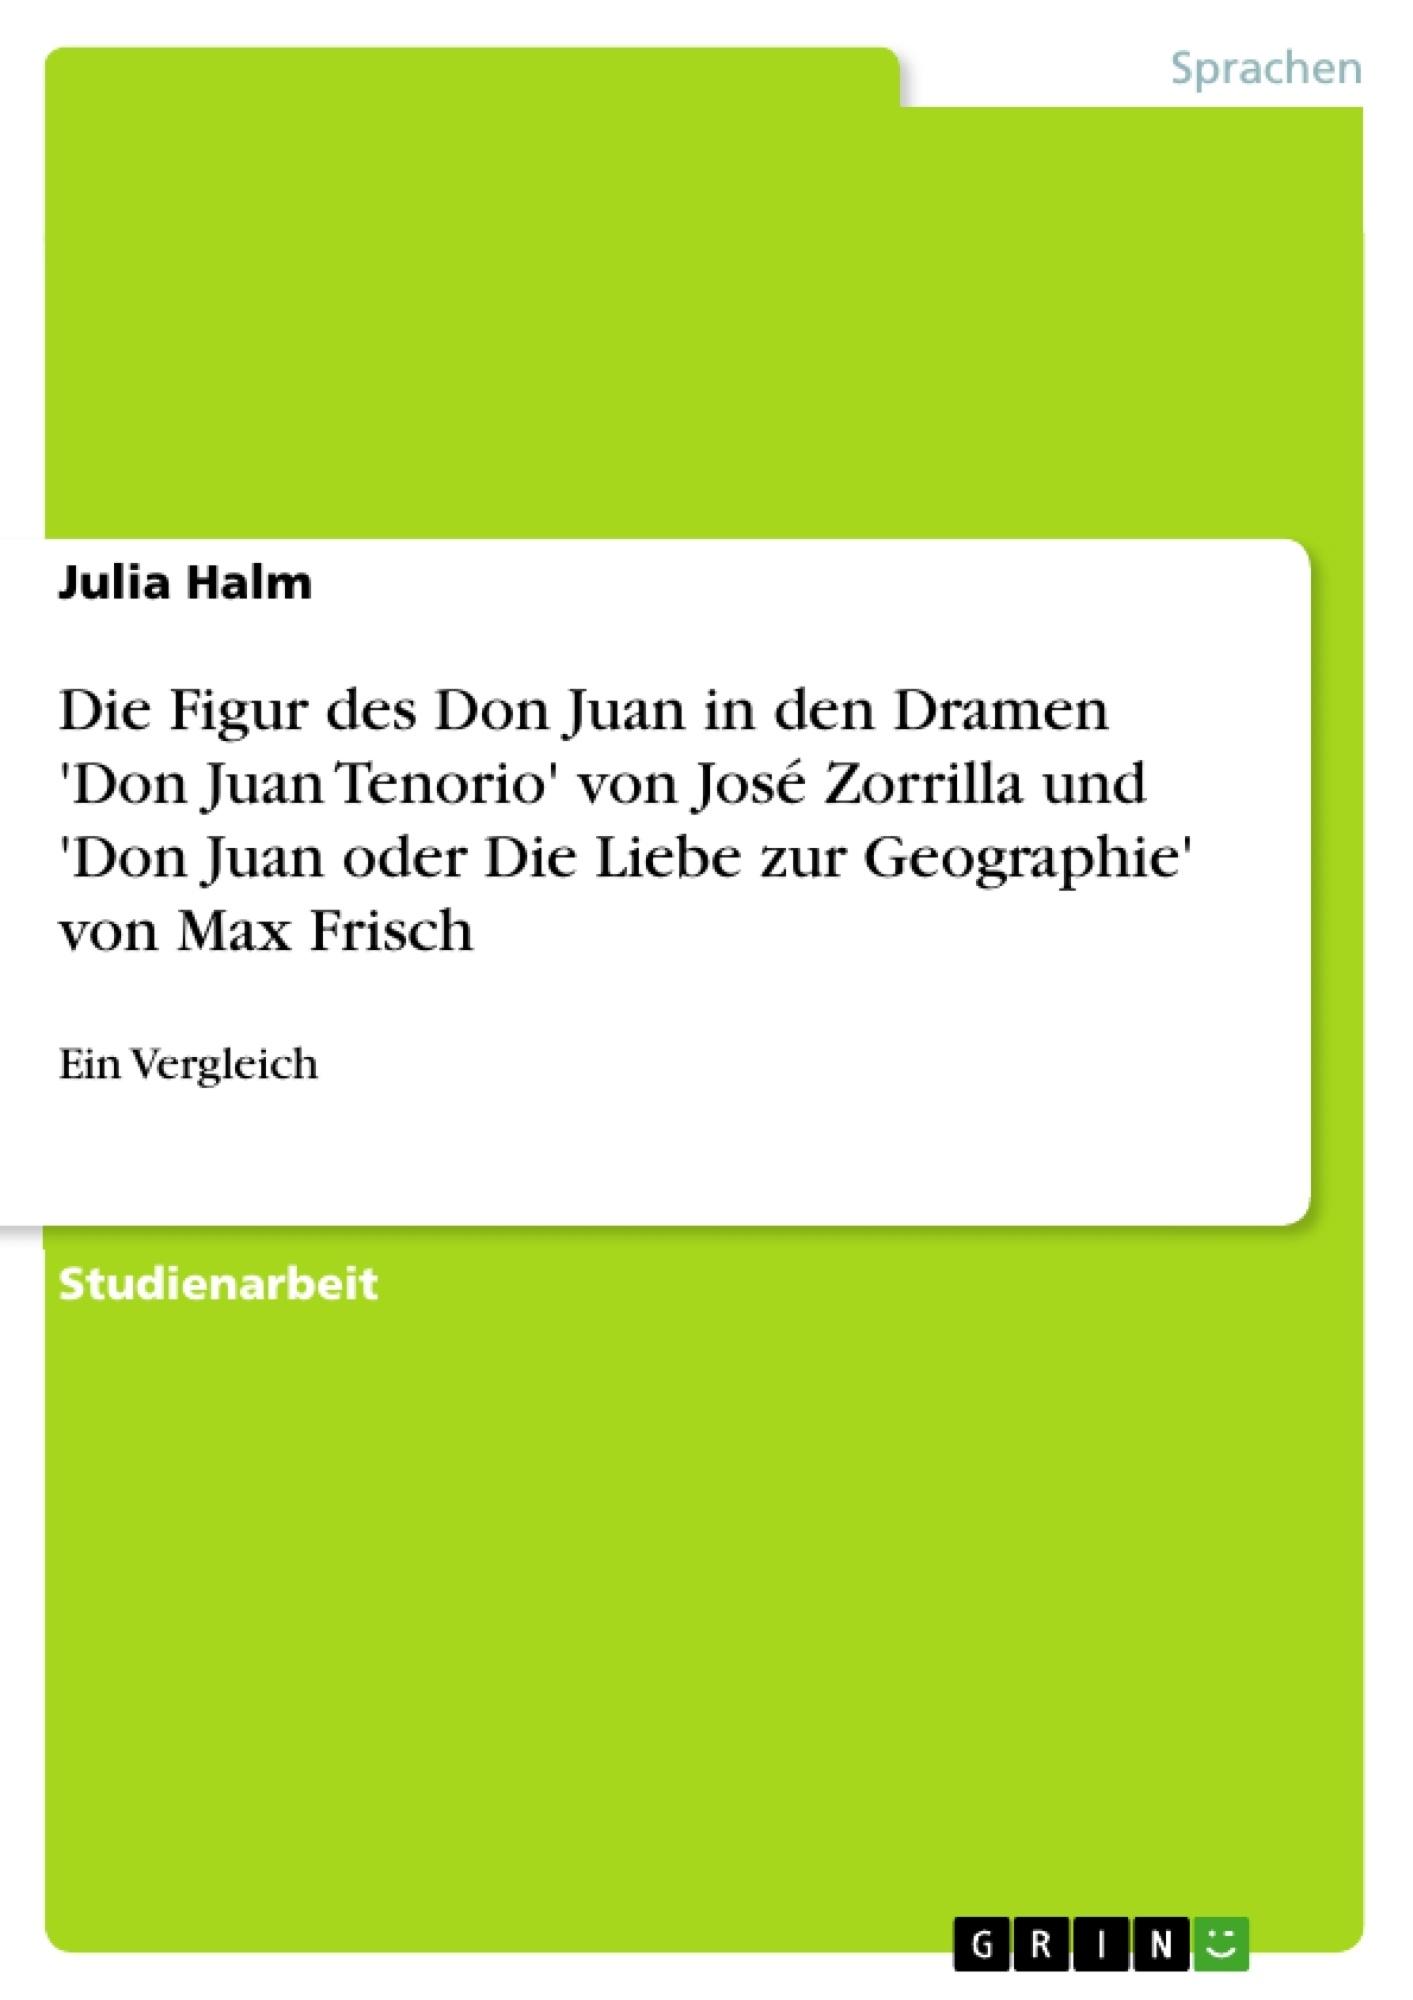 Titel: Die Figur des Don Juan in den Dramen 'Don Juan Tenorio' von José Zorrilla und 'Don Juan oder Die Liebe zur Geographie' von Max Frisch